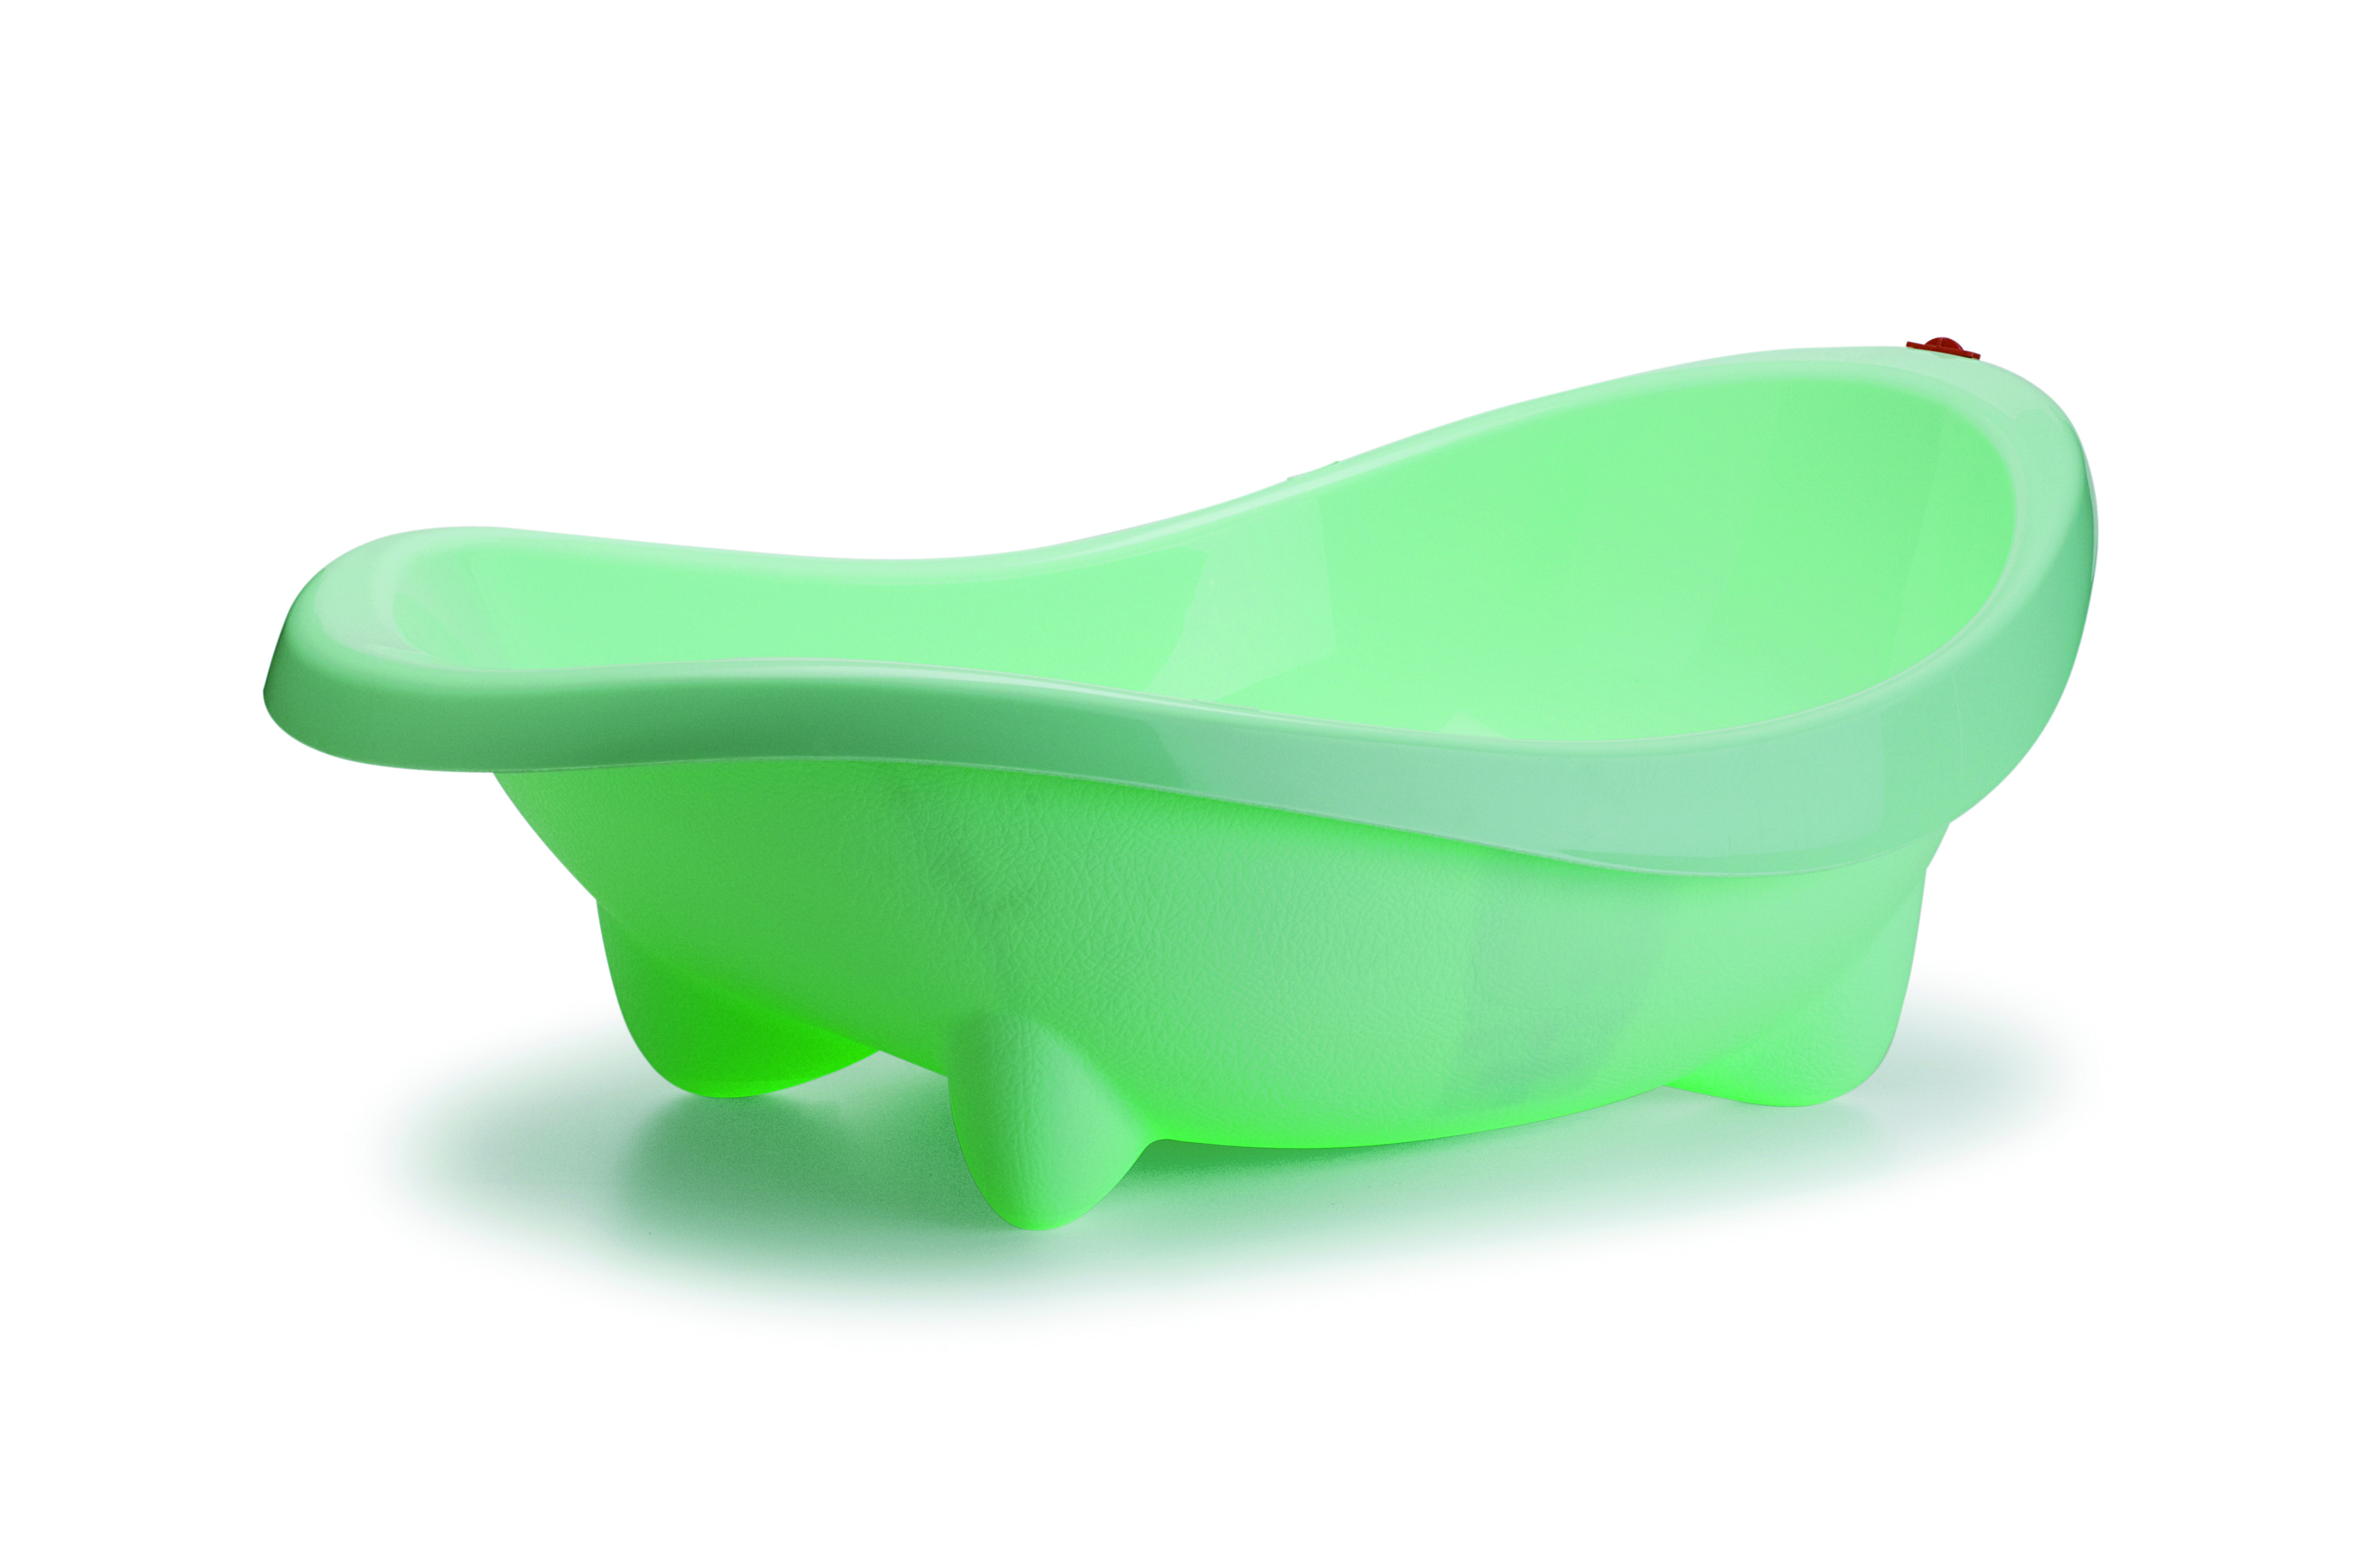 Vasca Da Bagno Neonato Ikea : Ikea vasche da bagno specchi da terra ikea cool great vasca da